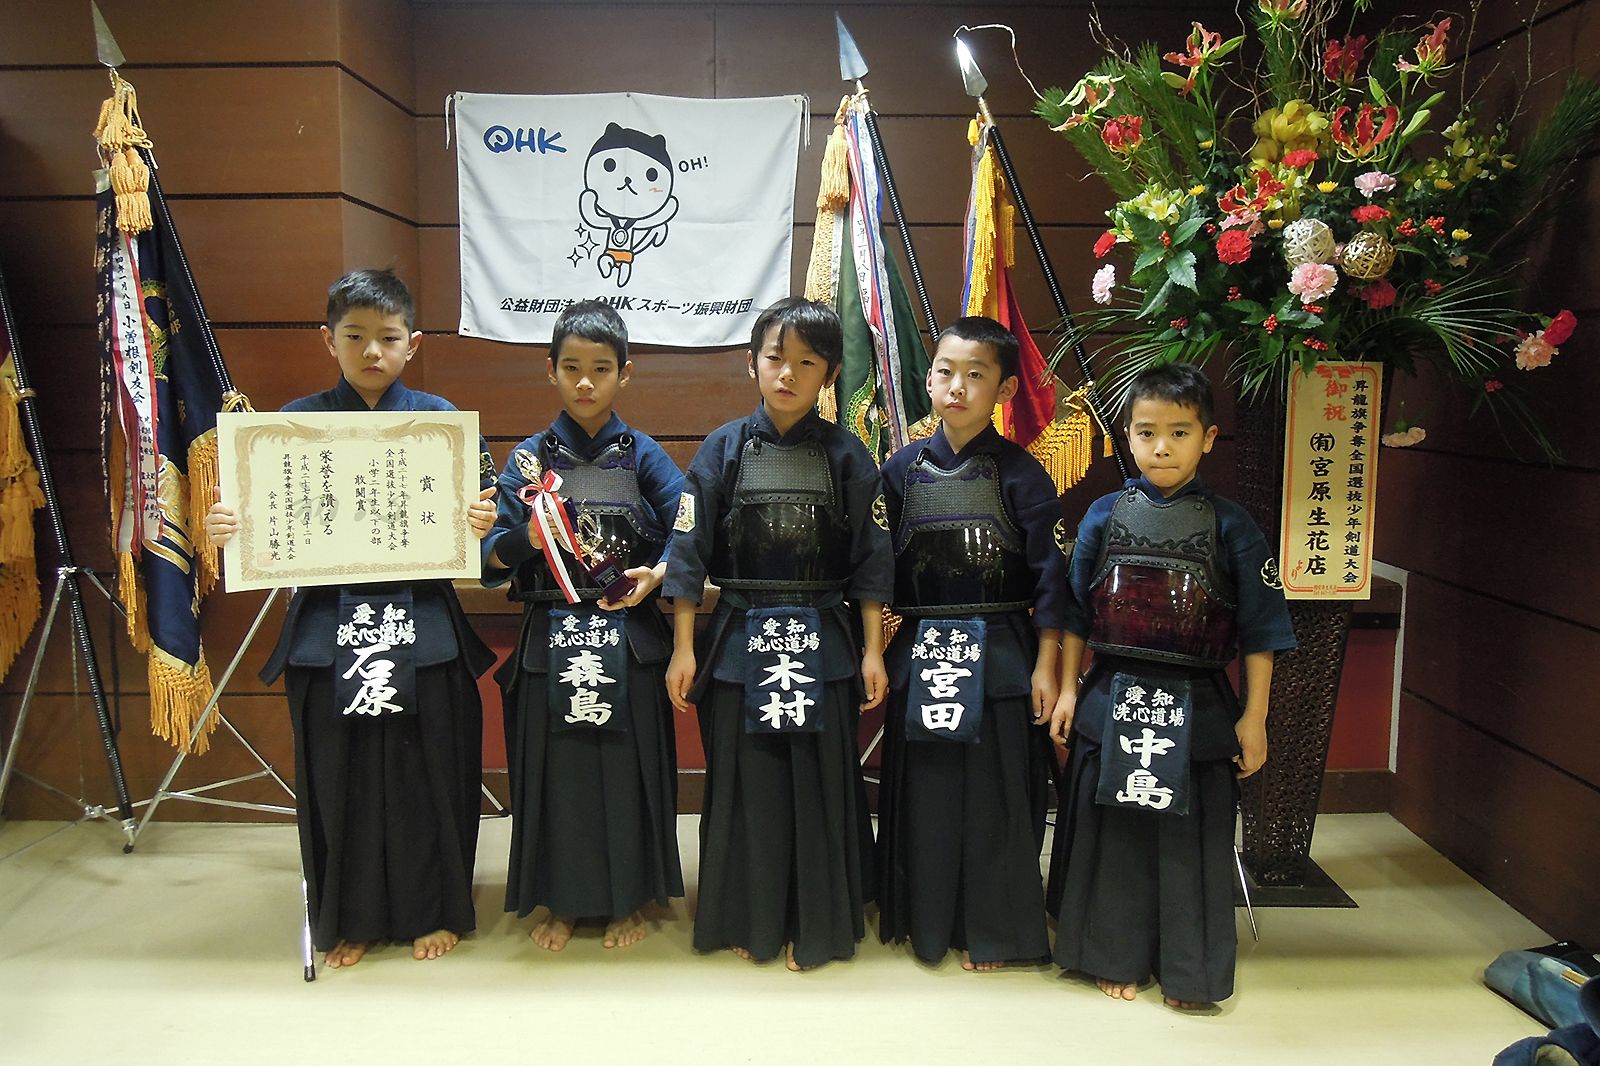 平成27年昇龍旗争奪全国選抜少年剣道大会